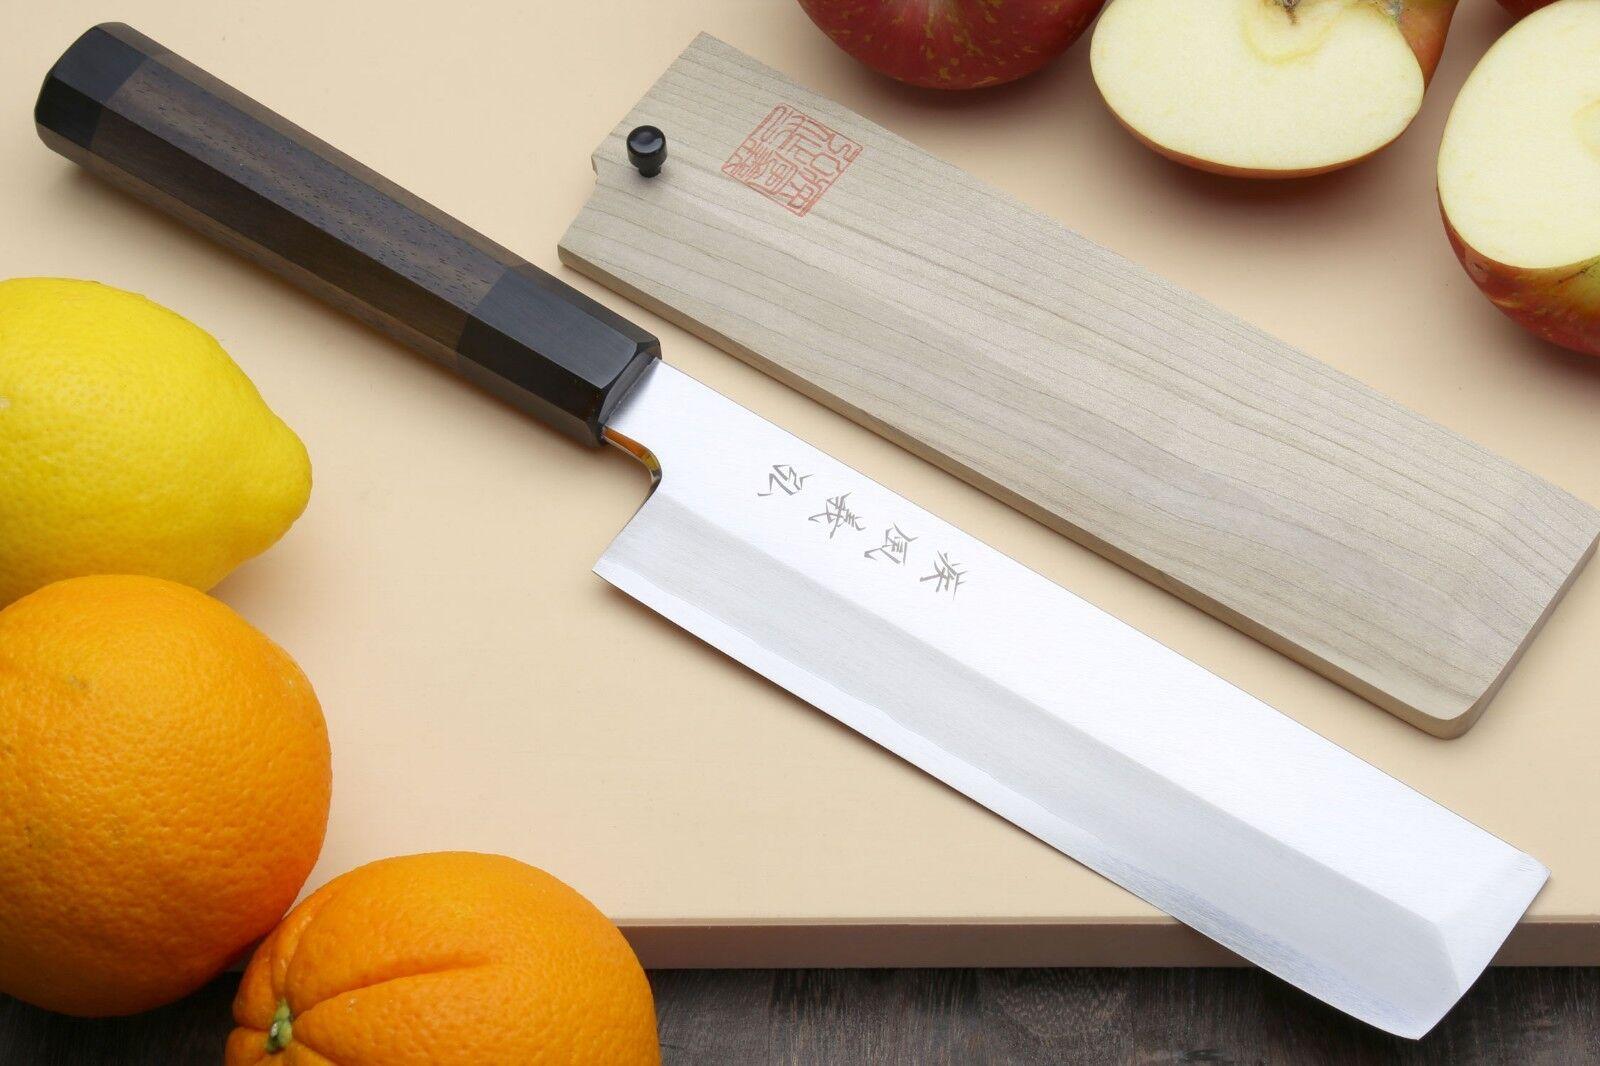 Yoshihiro Ginsanko High Carbon Stainless Steel Hongasumi Edo Usuba Veggie Knife